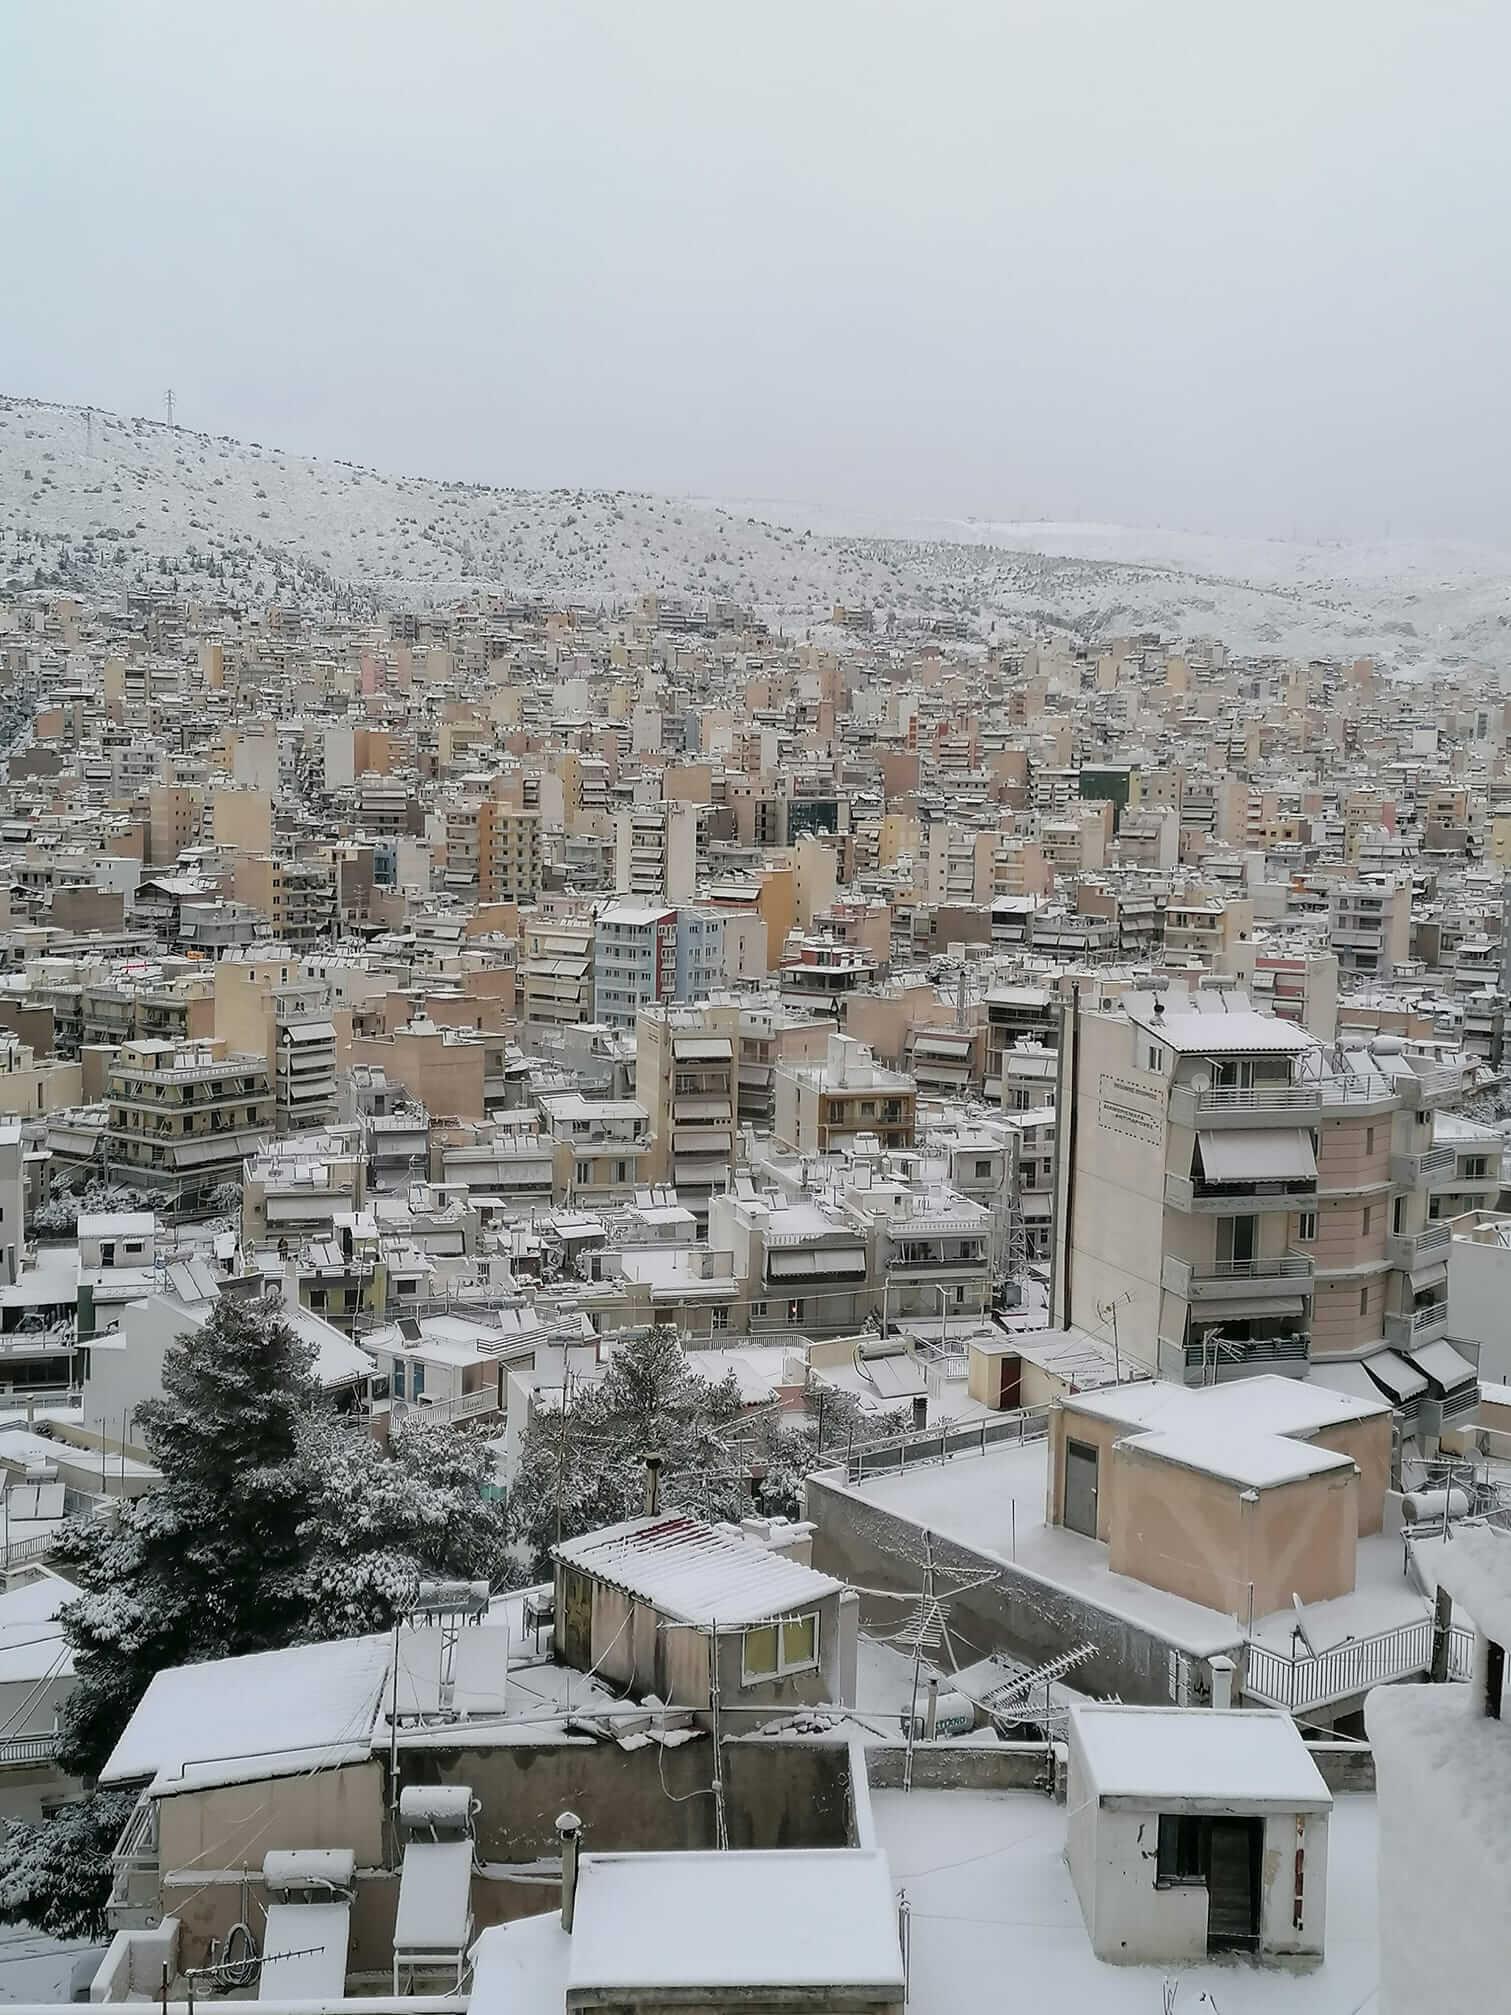 Βίντεο από την χιονισμένη Αμφιάλη